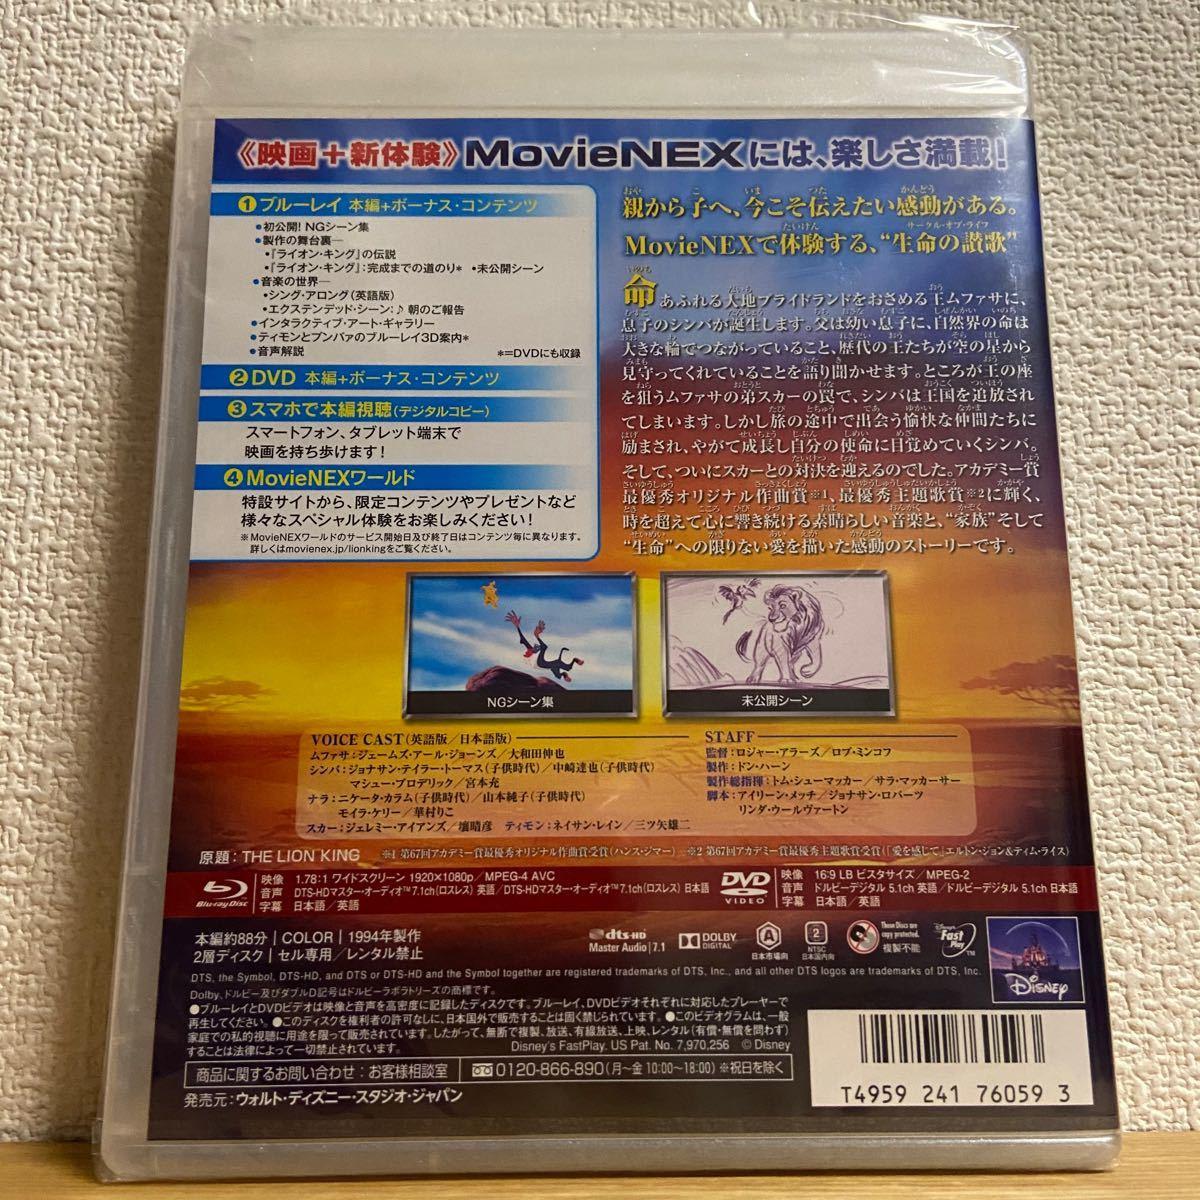 アニメ版 ライオンキング ダイヤモンド・コレクション MovieNEX('94米)  DVDのみ